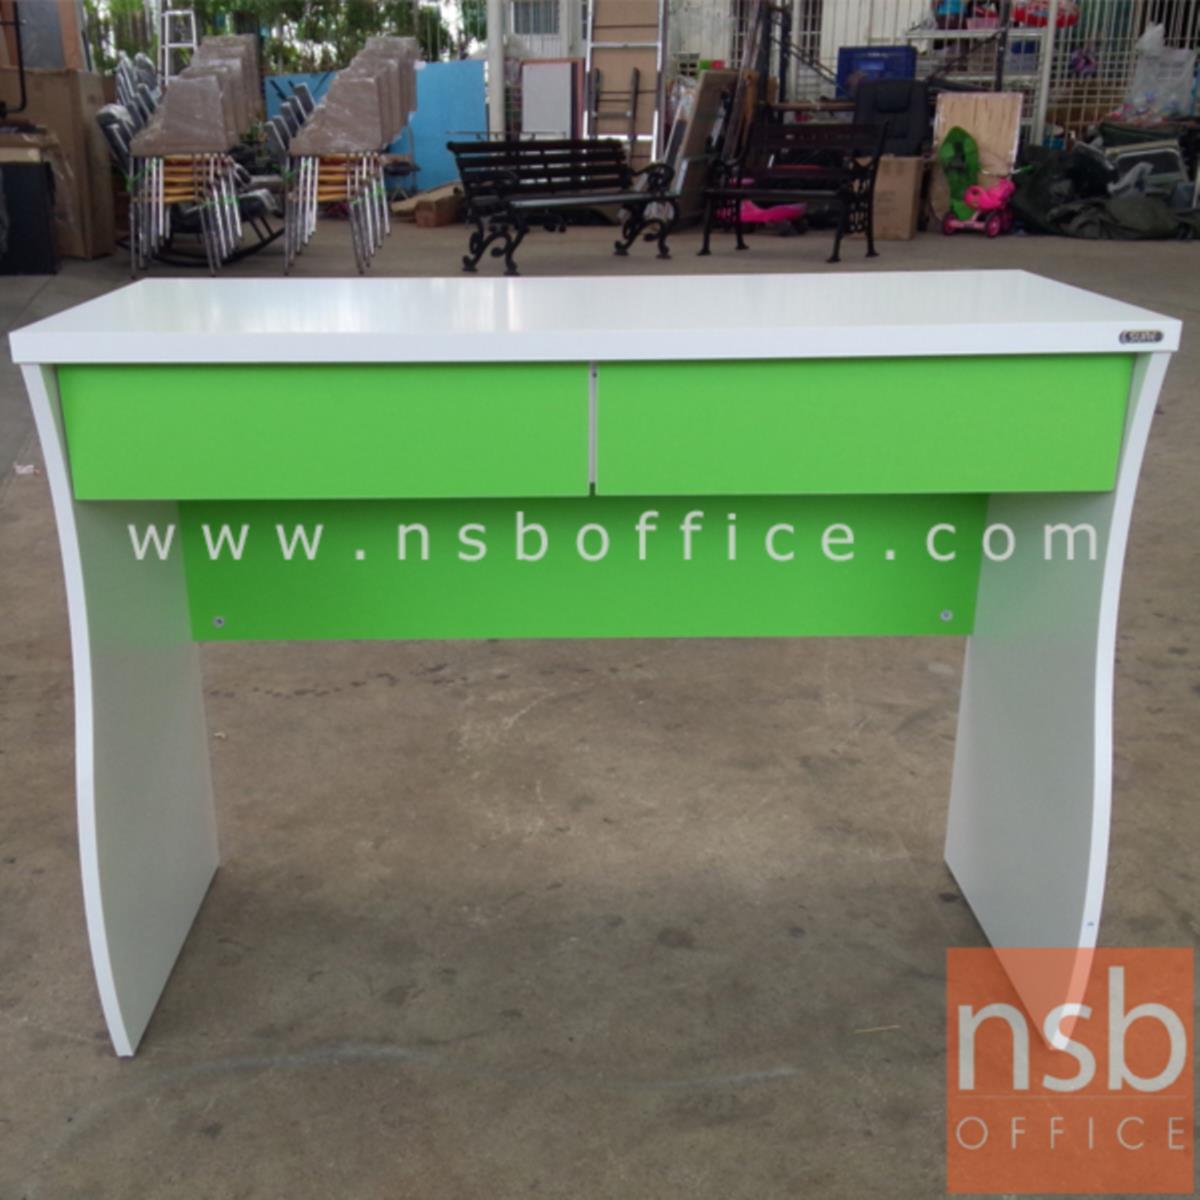 โต๊ะทำงานสีสัน  2 ลิ้นชัก รุ่น MT-KDI1101  ขนาด 100W cm. ขาโค้ง